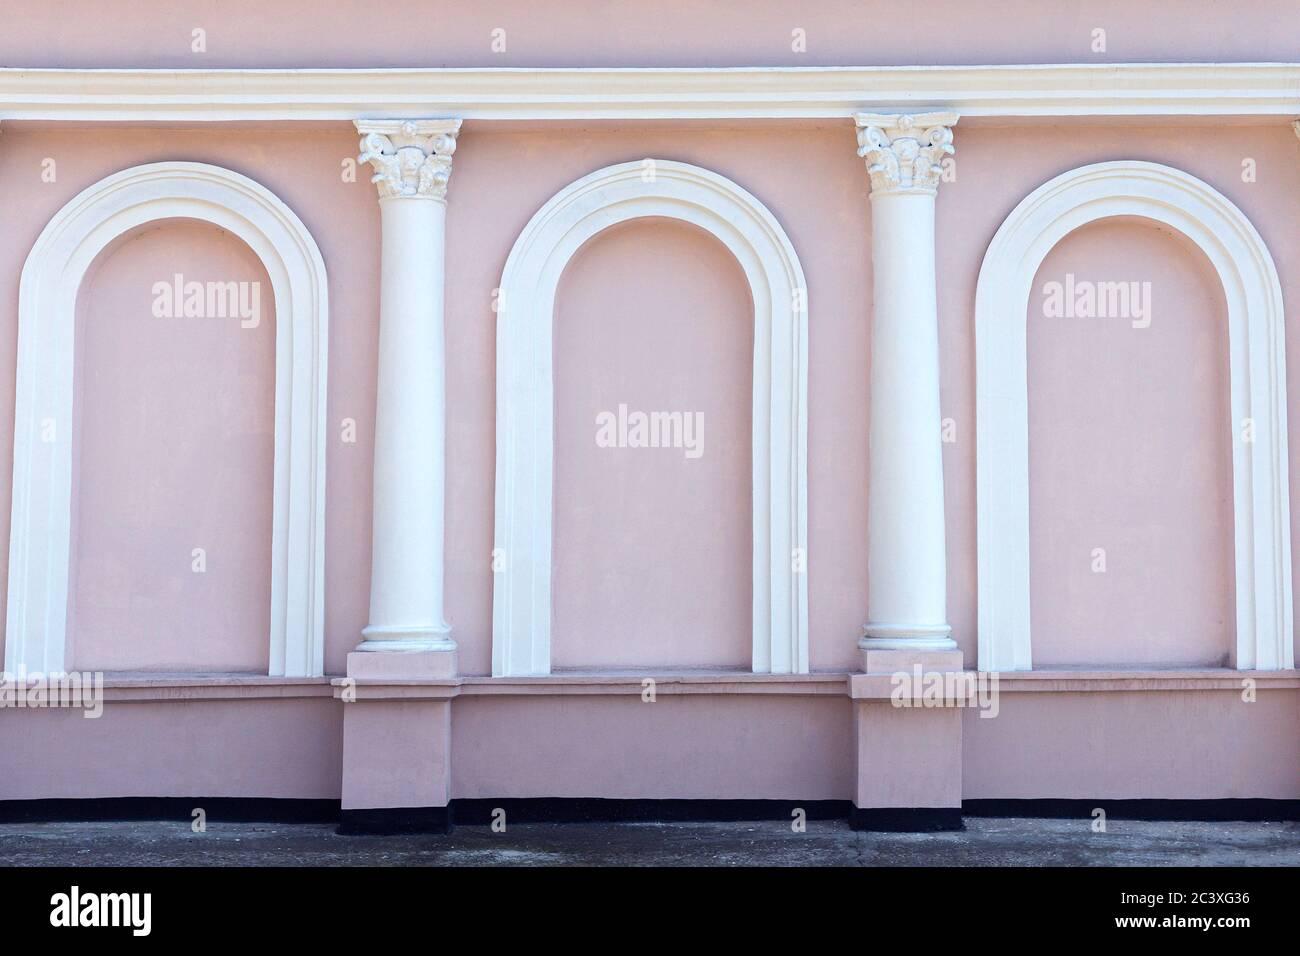 Façade rose sans fenêtre du bâtiment avec colonnes et arches blanches. Extérieur magnifique. Fond d'écran Banque D'Images